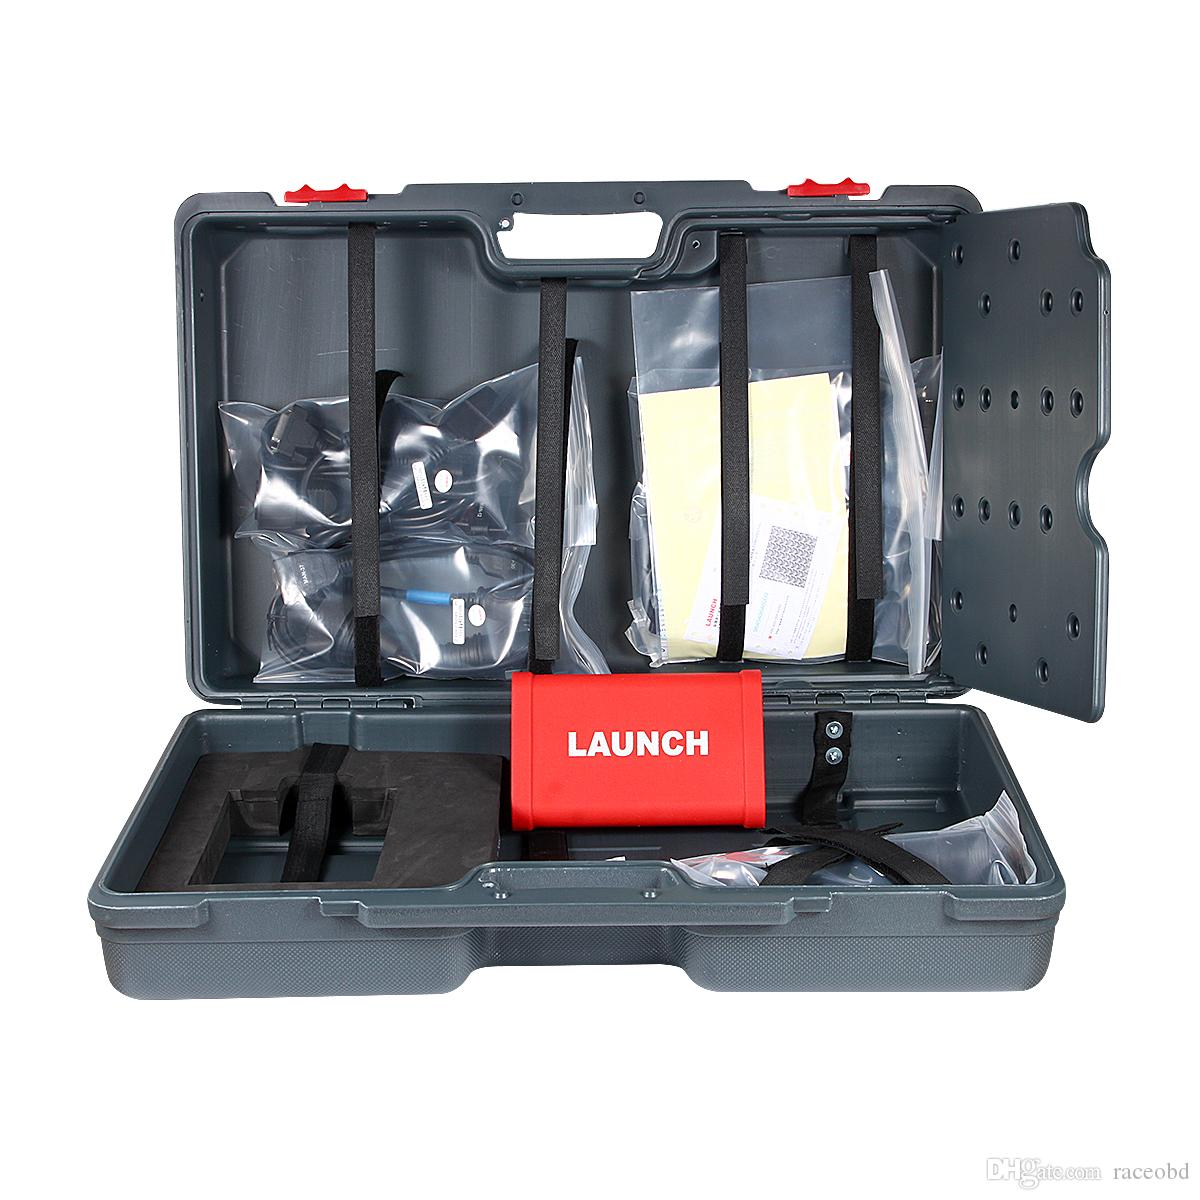 최신 도착 LAUNCH X431 HD 무거운 듀티 트럭 진단 모듈 작동 X431 V + X431 Pro3 무료 업데이트 온라인 시작